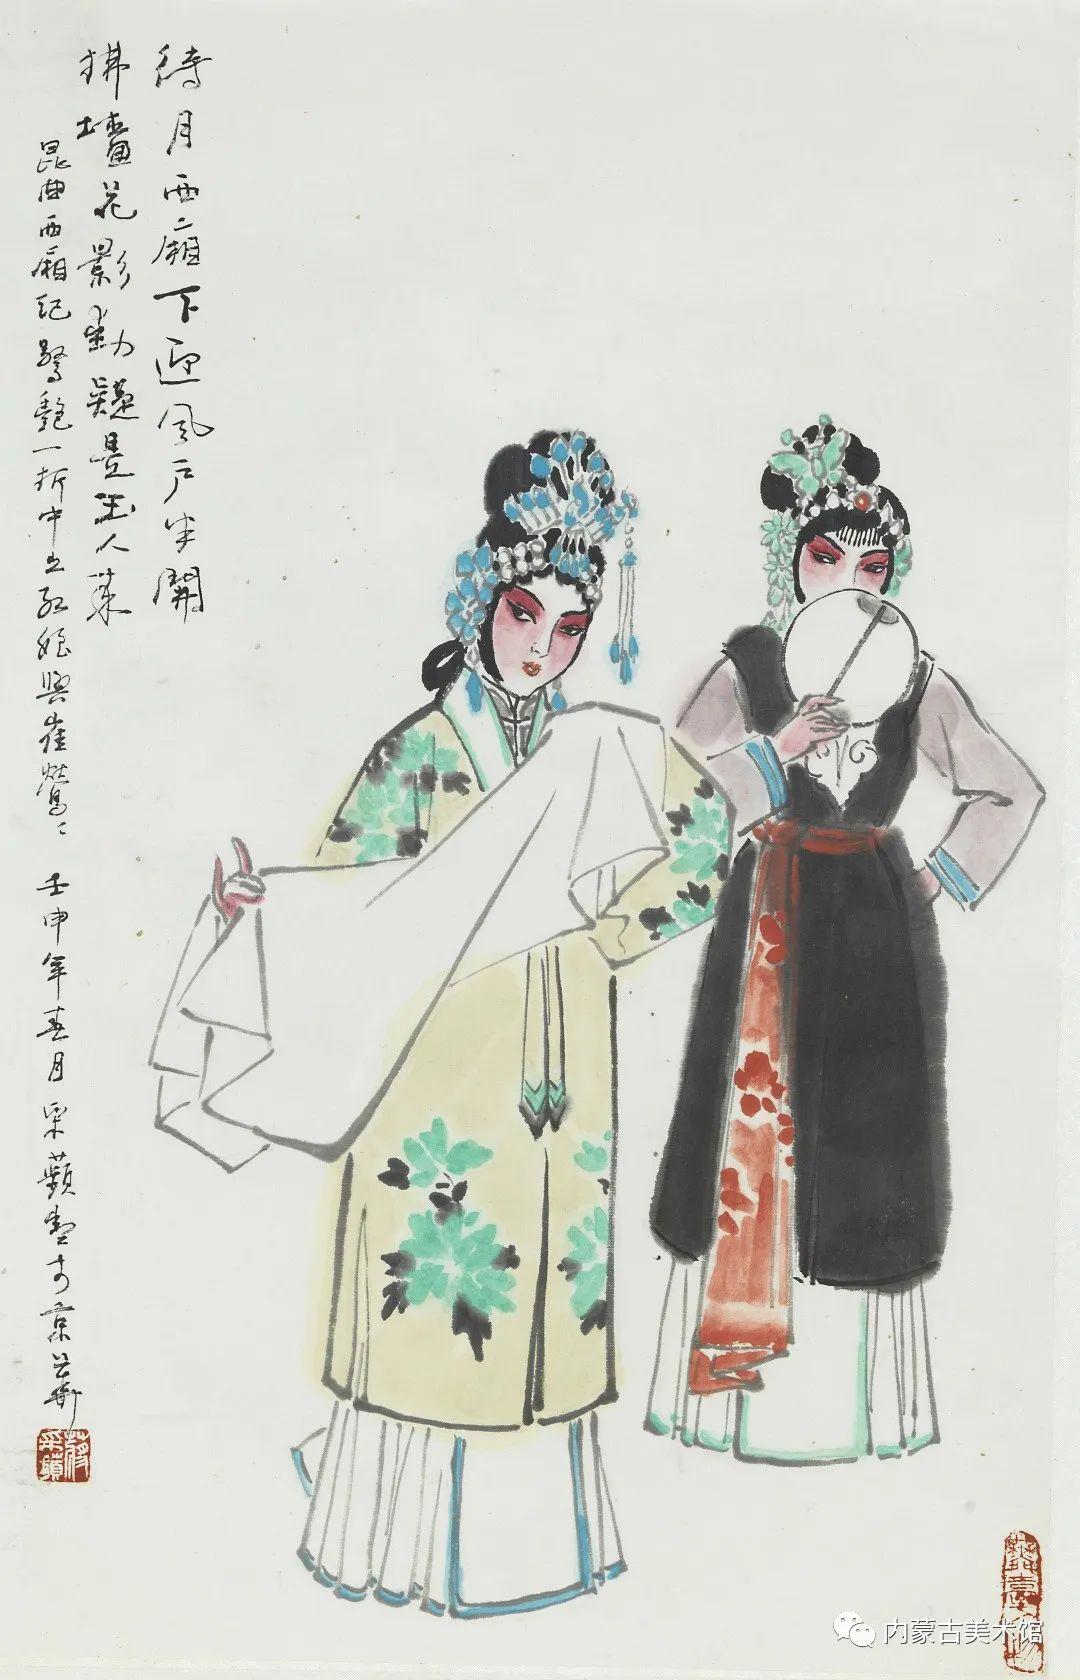 内蒙古美术馆,馆藏来了 第15张 内蒙古美术馆,馆藏来了 蒙古画廊